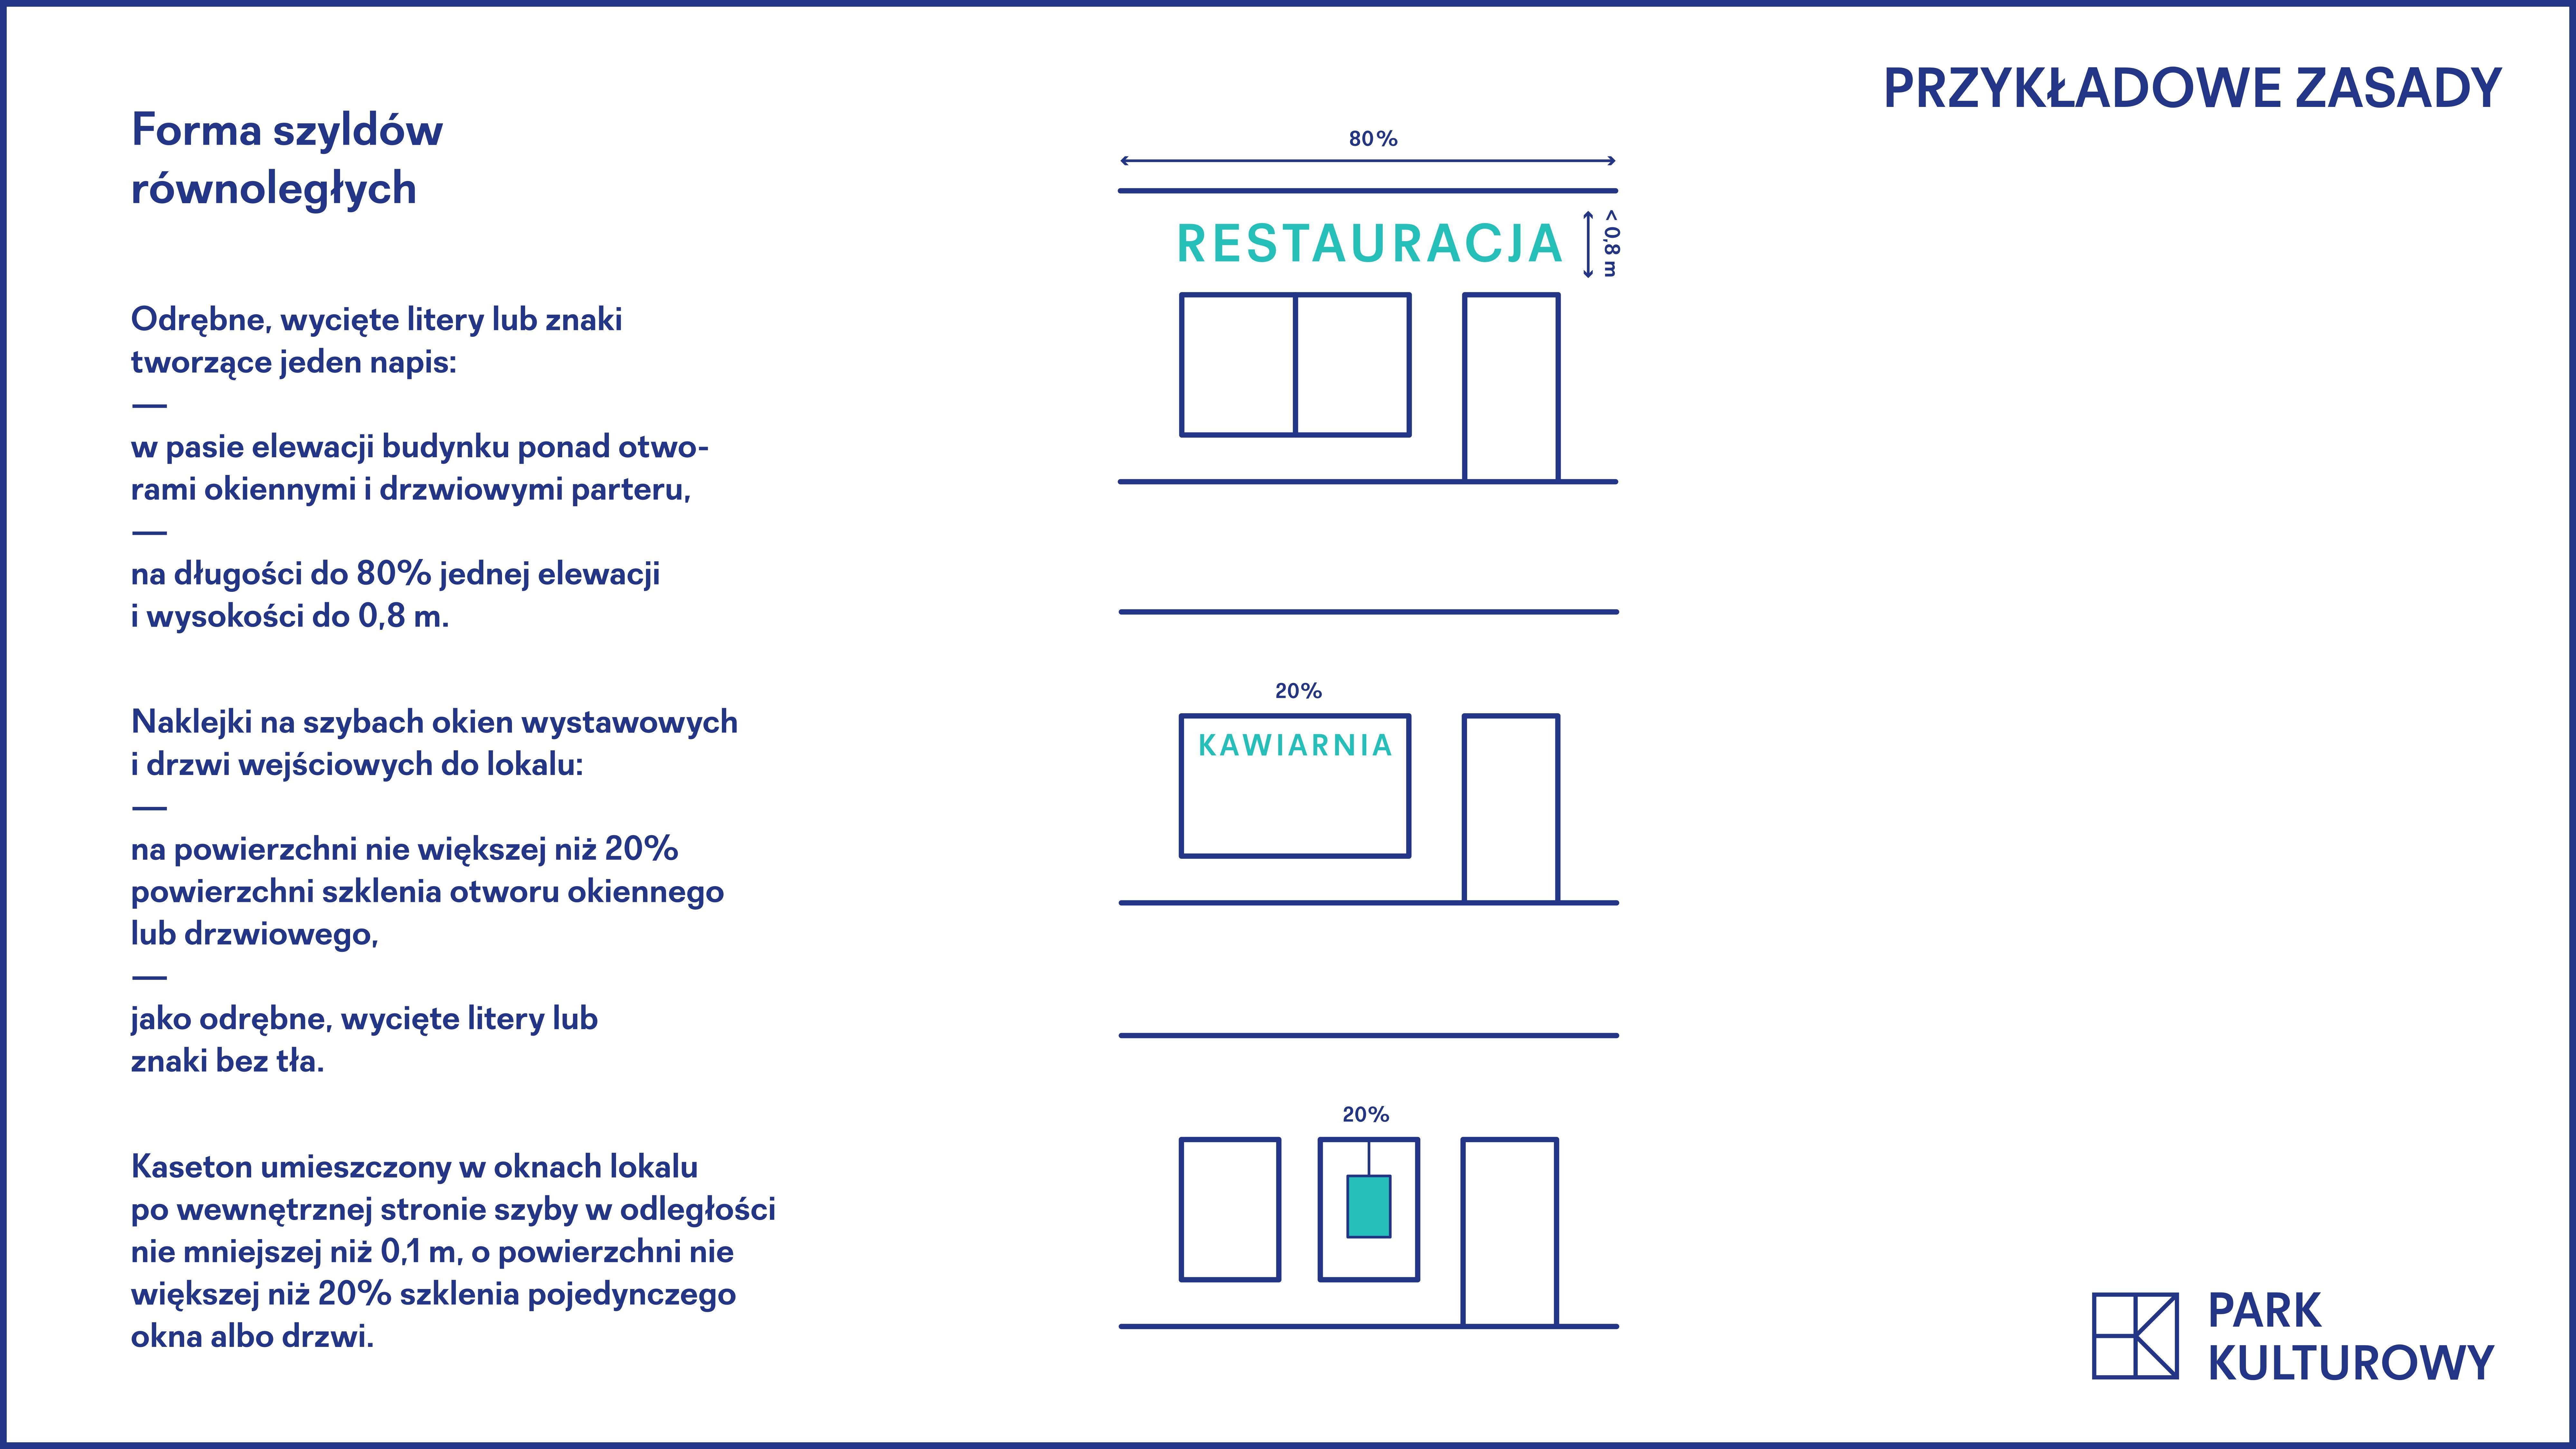 Poznan park kulturowy 2 reklamy